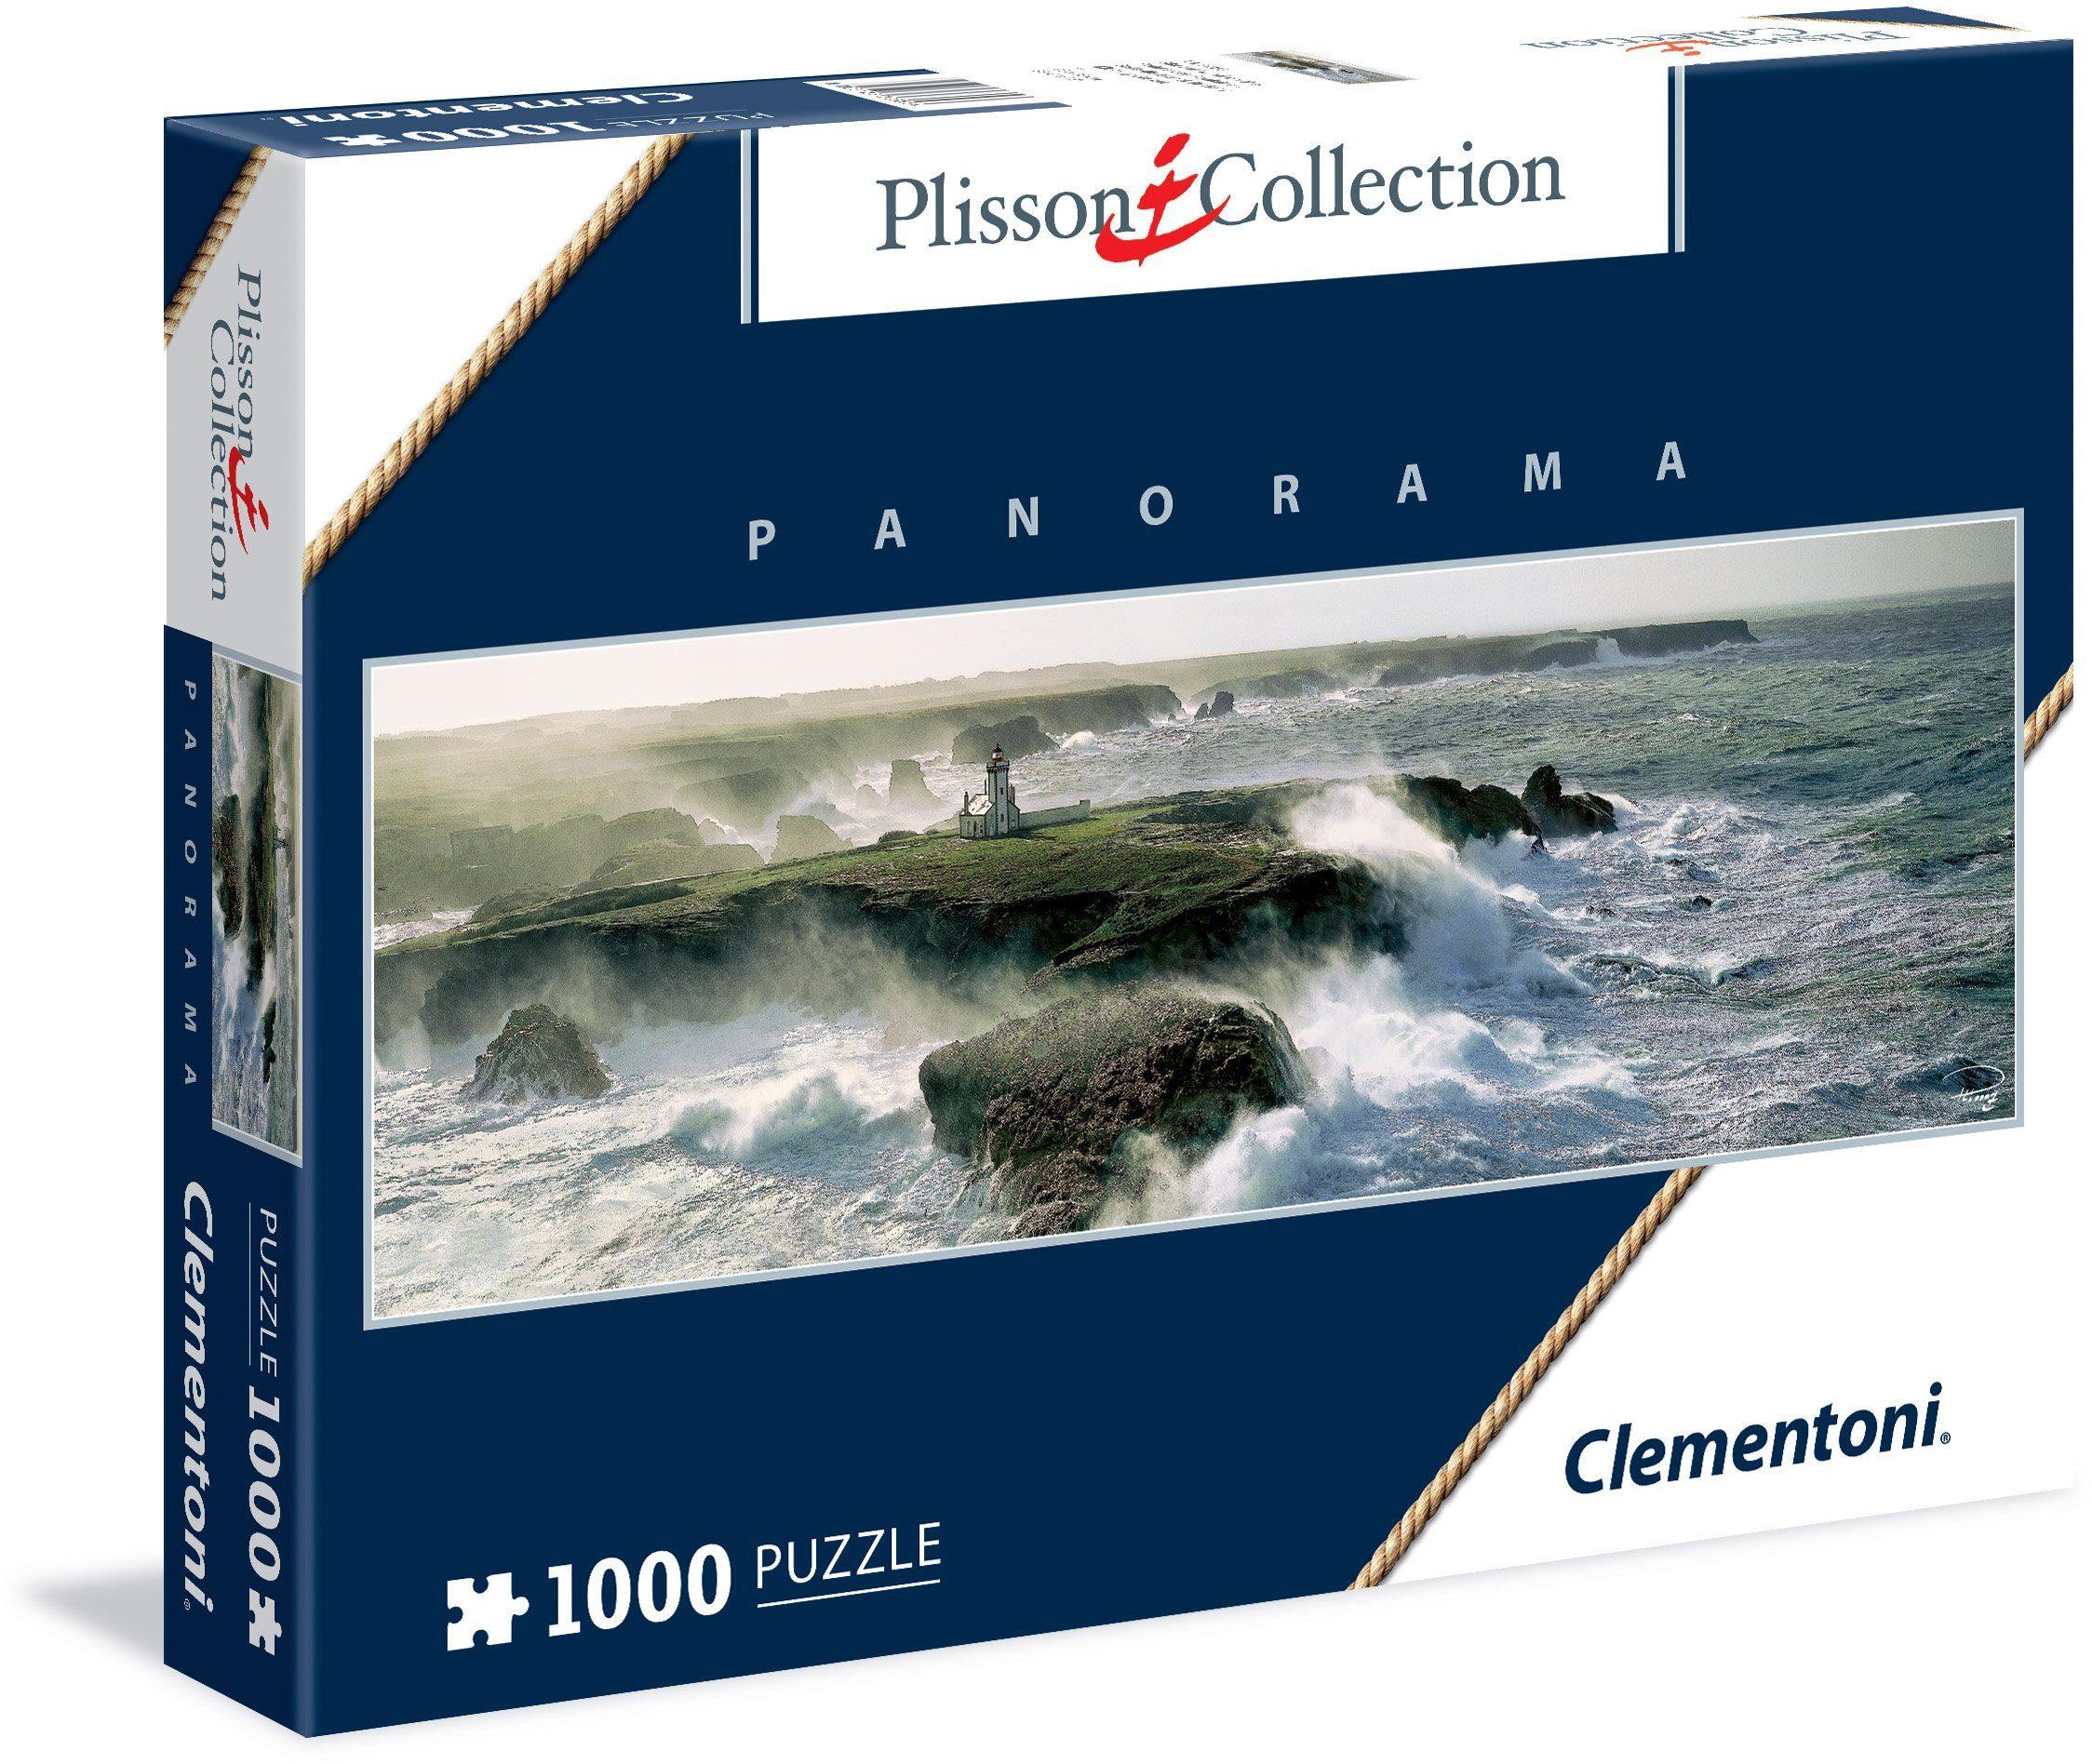 Clementoni Puzzle, 1000 Teile, »Blast of wind on the Point de Poulaine«